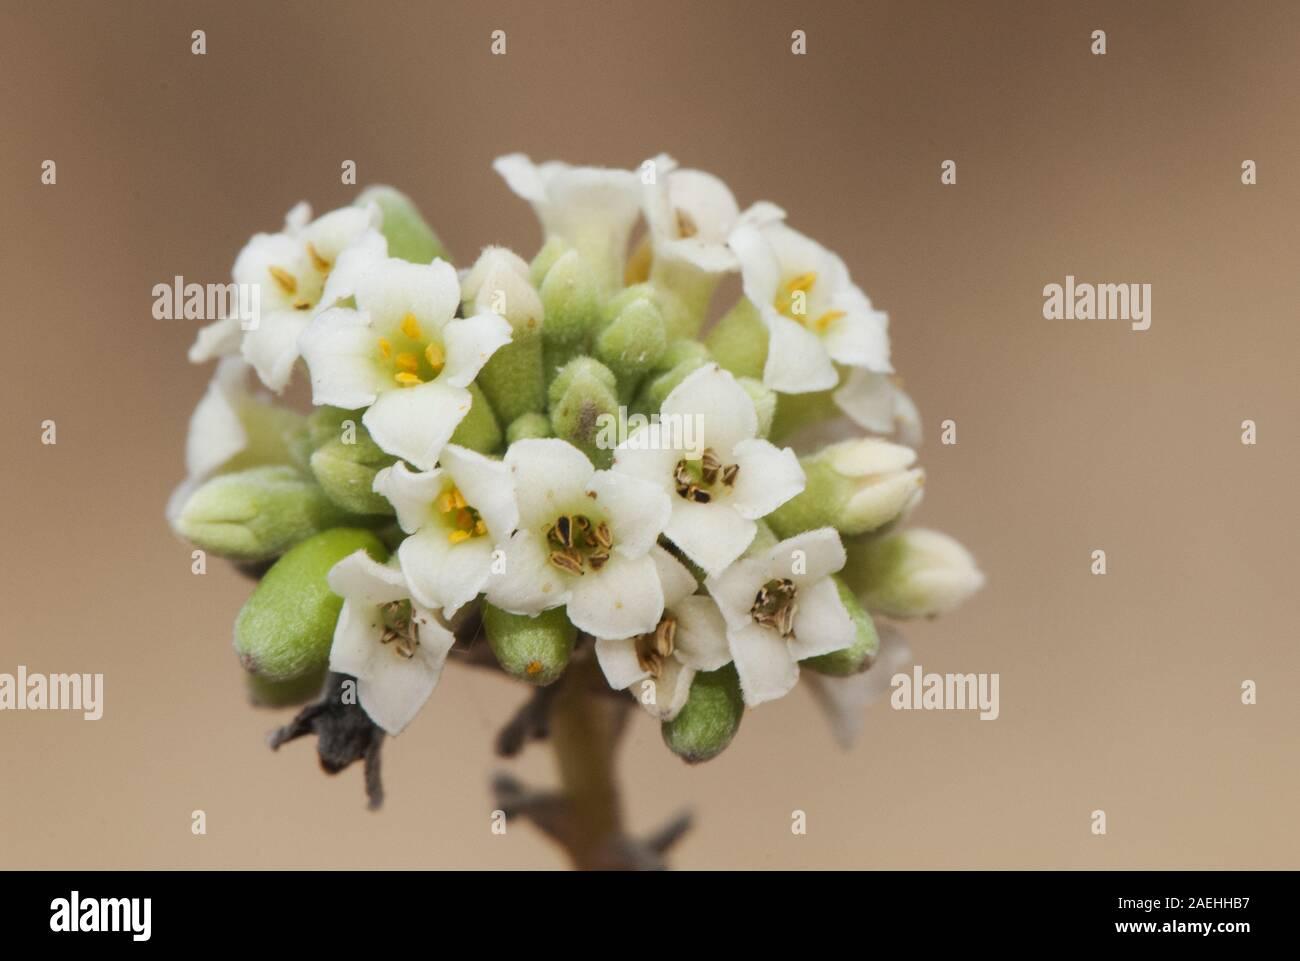 Fiori Bianchi Macchia Mediterranea.Daphne Gnidium Immagini Daphne Gnidium Fotos Stock Alamy